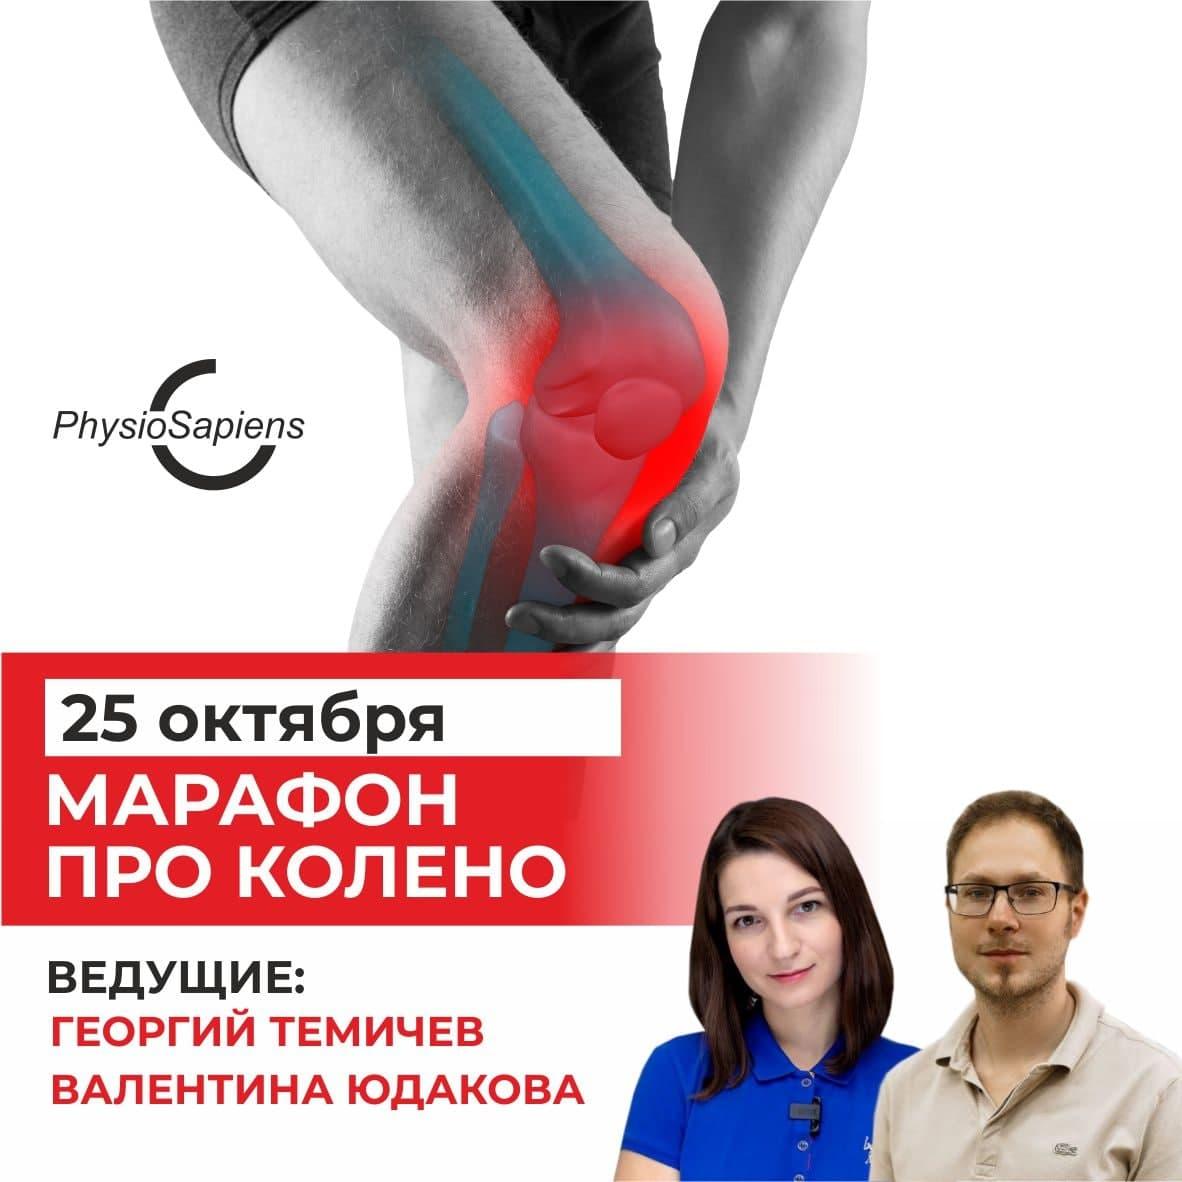 Марафон «Про колено»